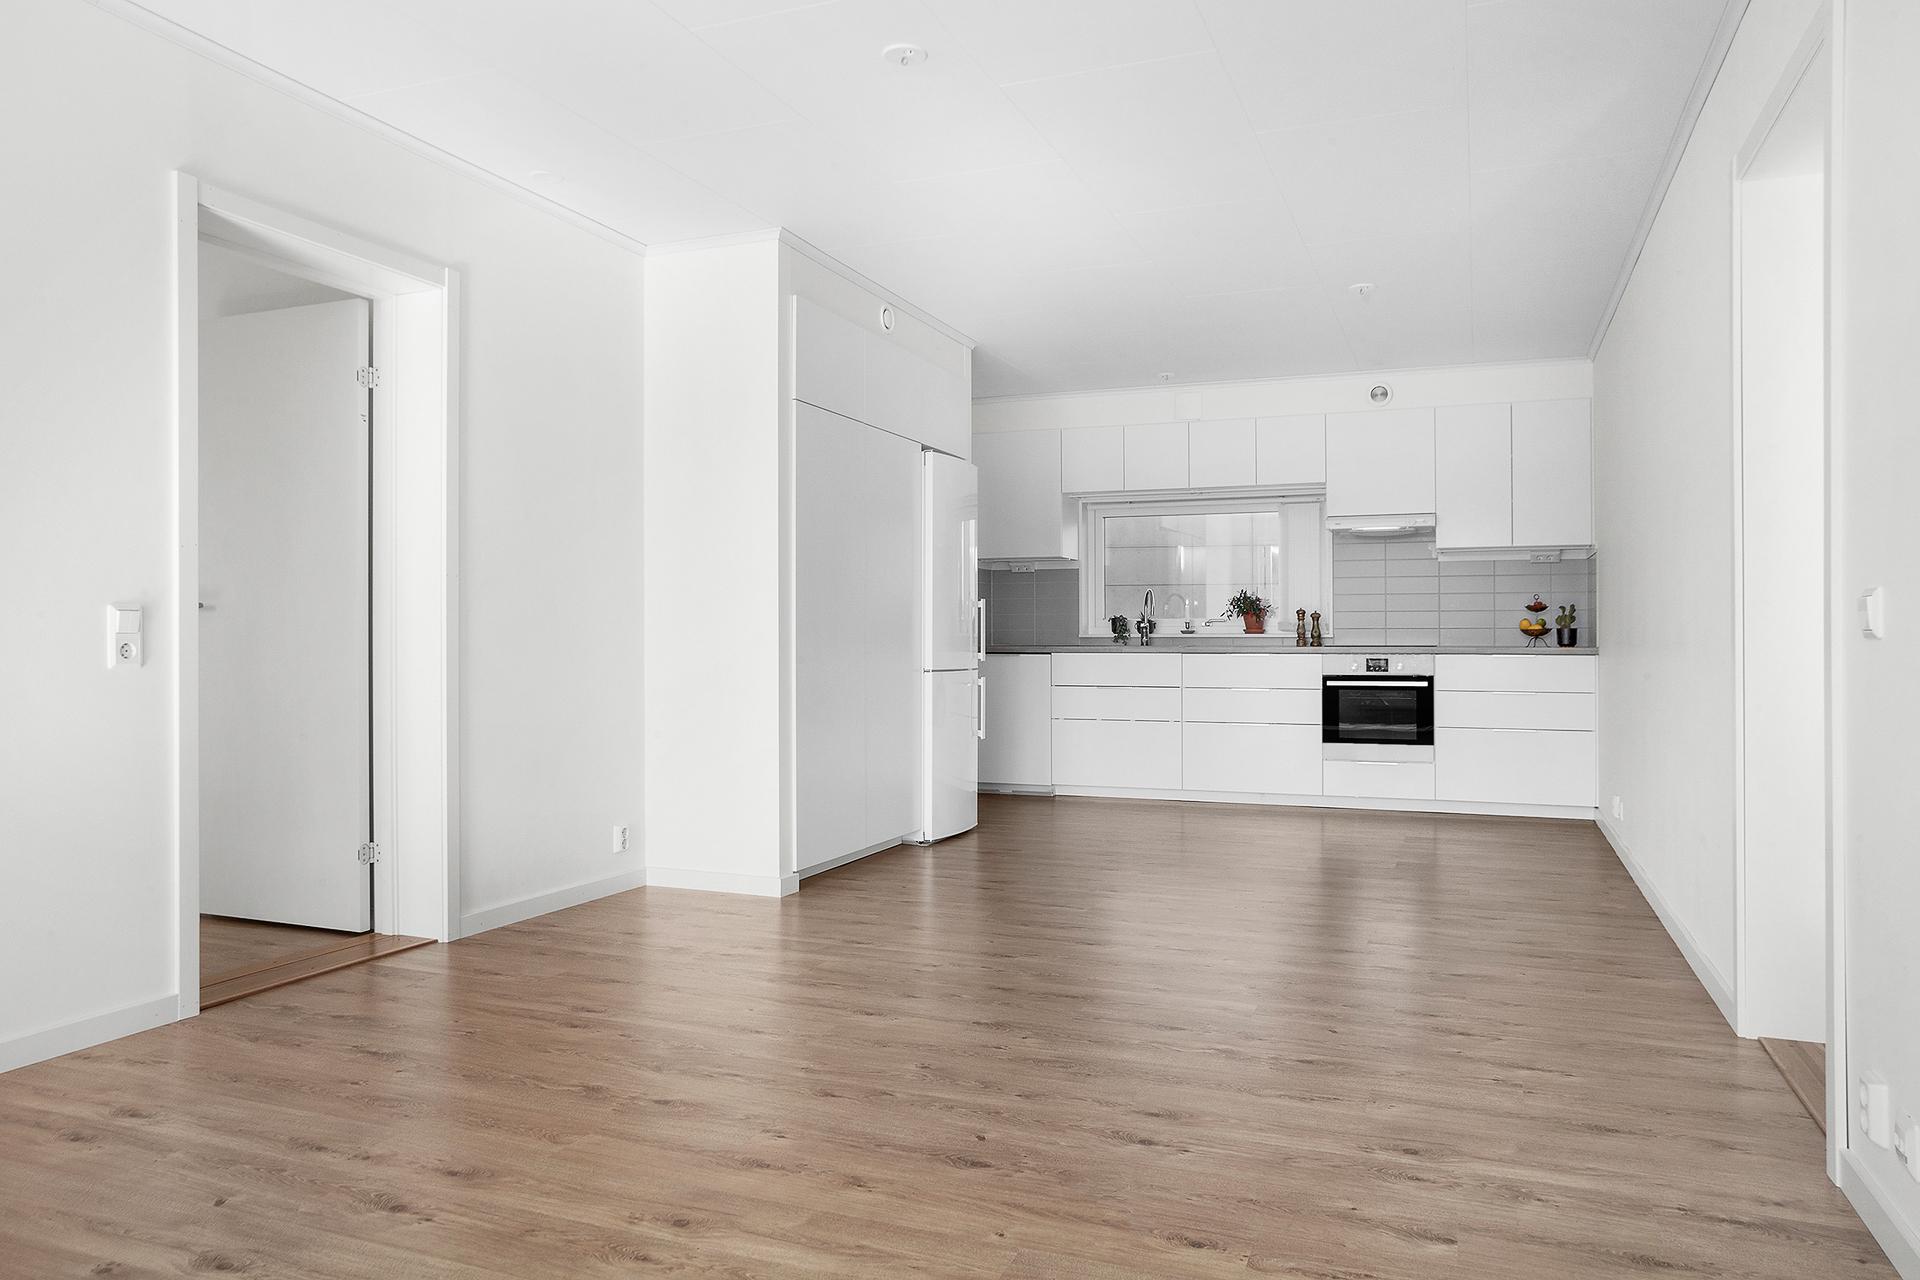 Kök & vardagsrum i öppenplanlösning